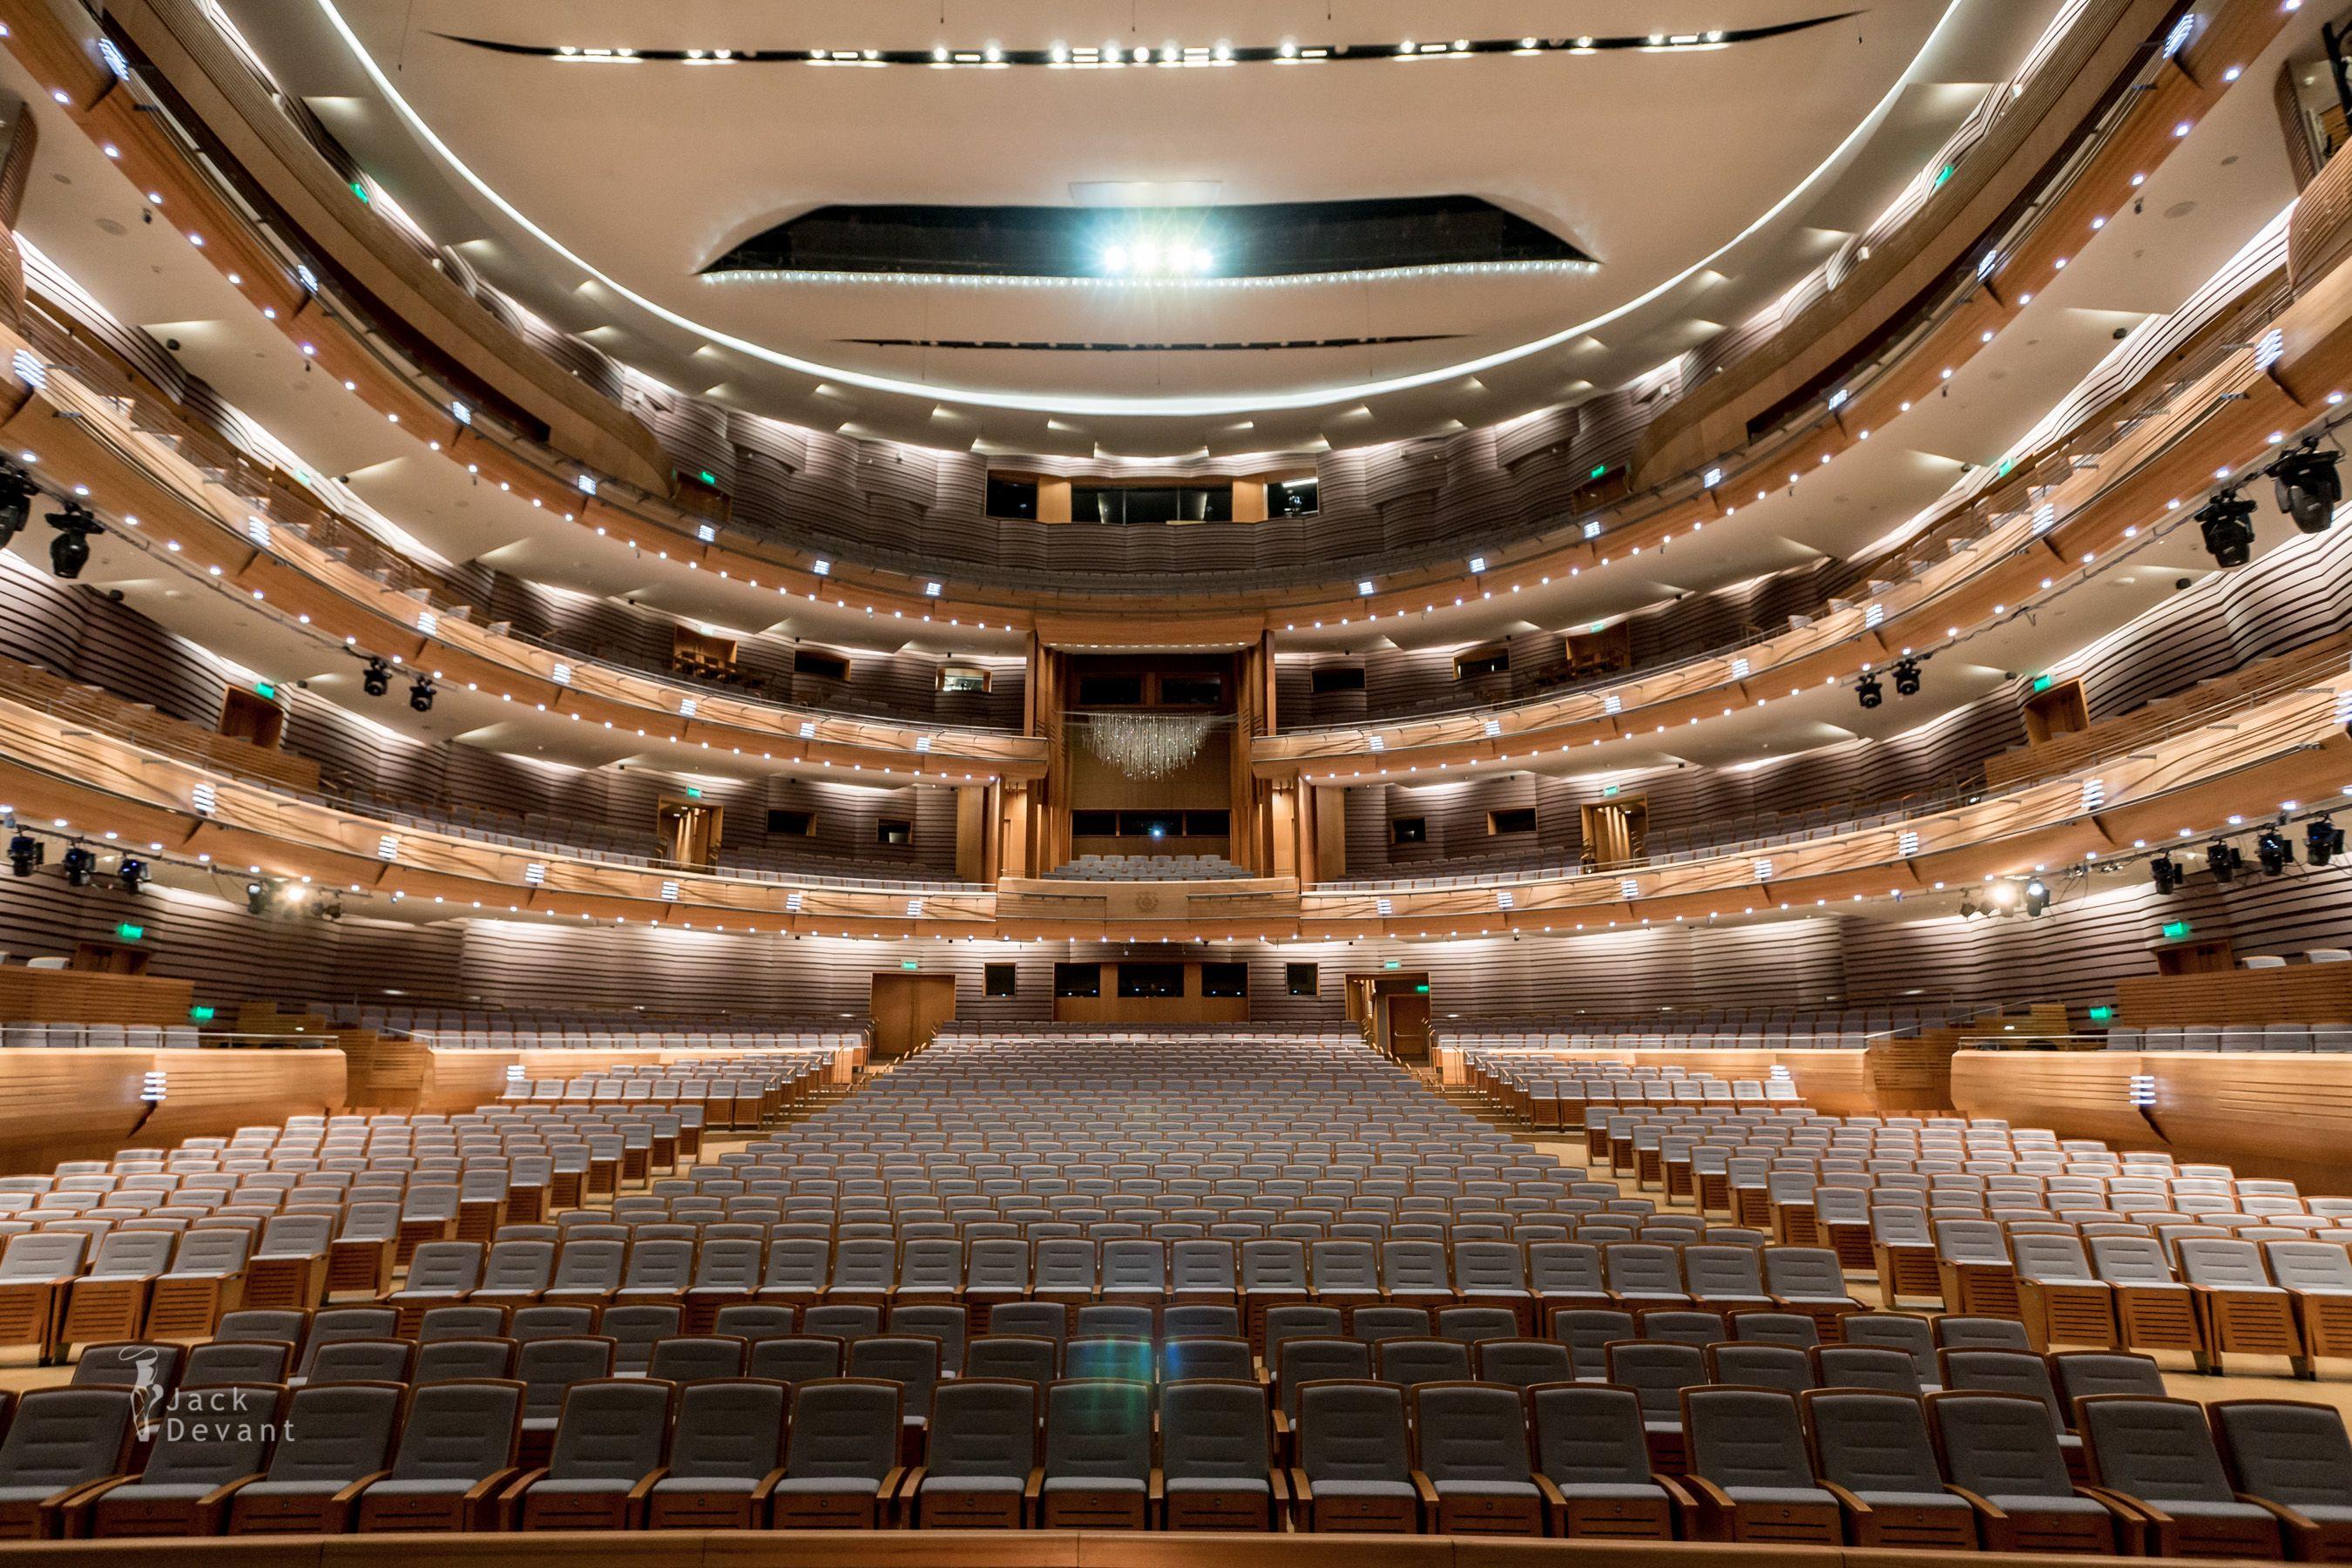 выкапываешь фото зала мариинского театра в санкт петербурге эту особенность